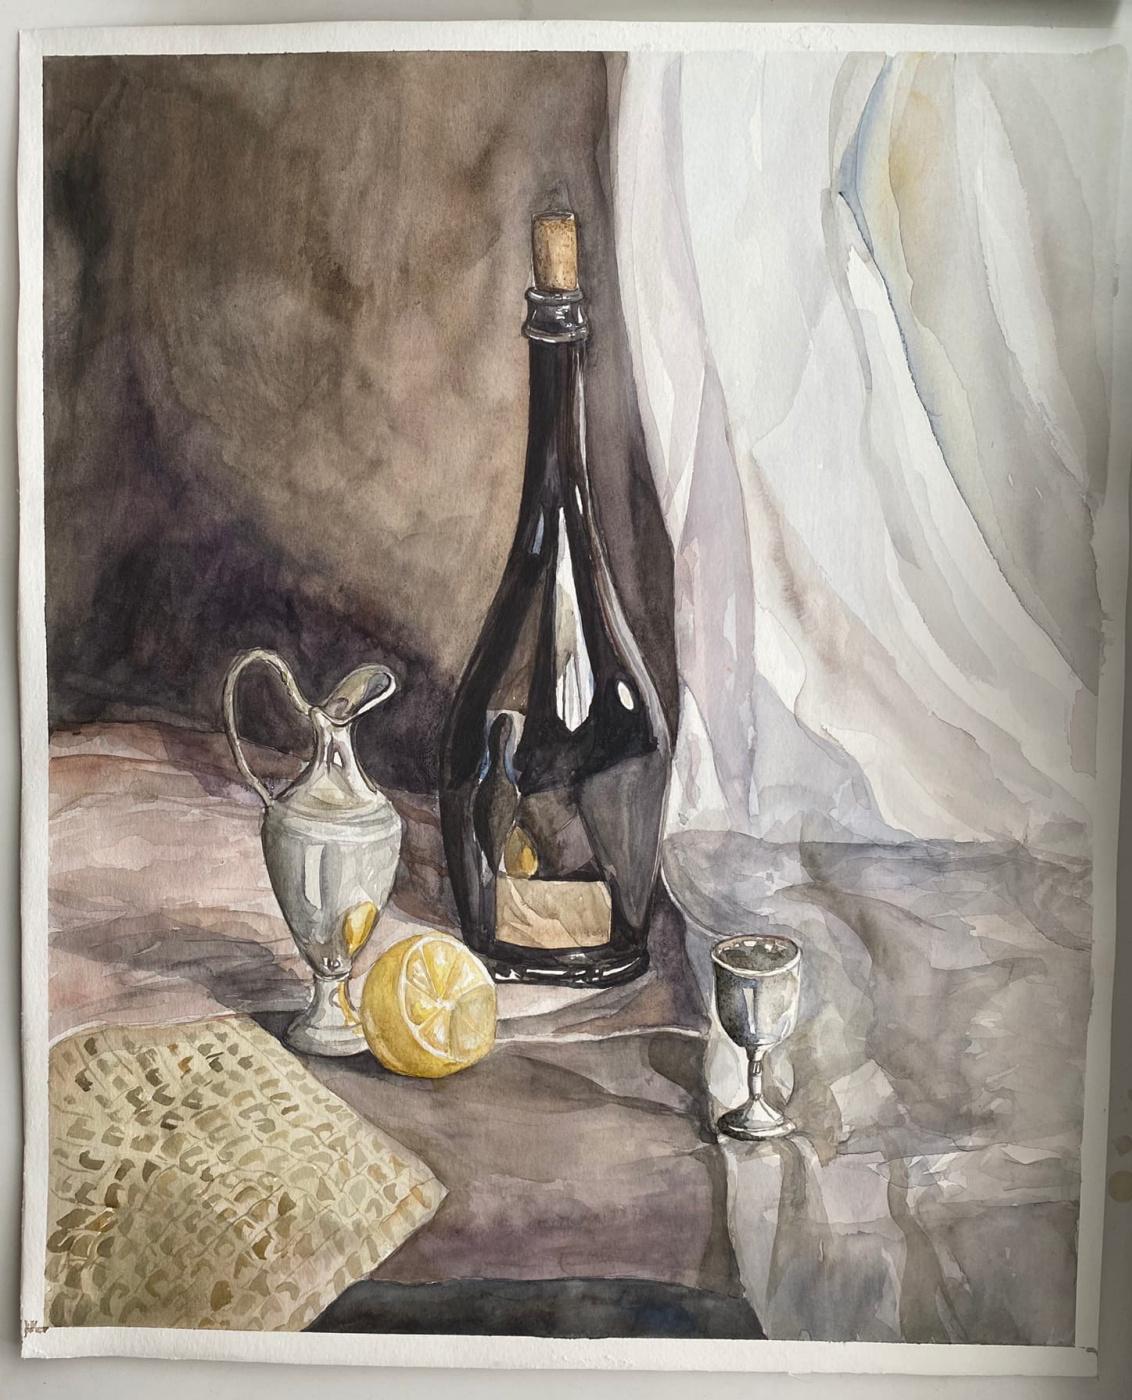 Andrey Evgenievich Levkovsky. Silver still life